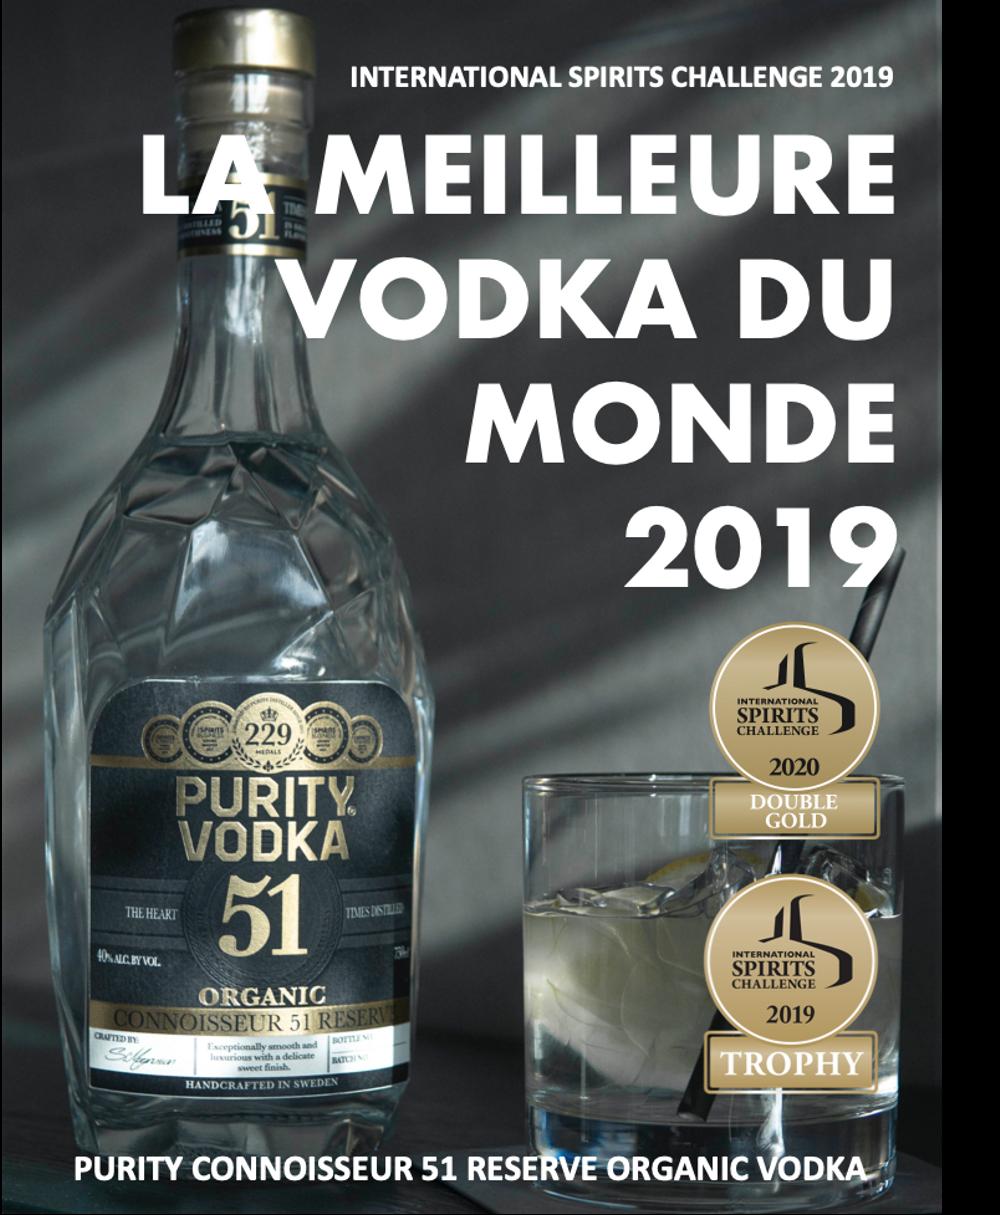 La meilleure vodka du monde - PURITY CONNOISSEUR 51 RESERVE ORGANIC VODKA